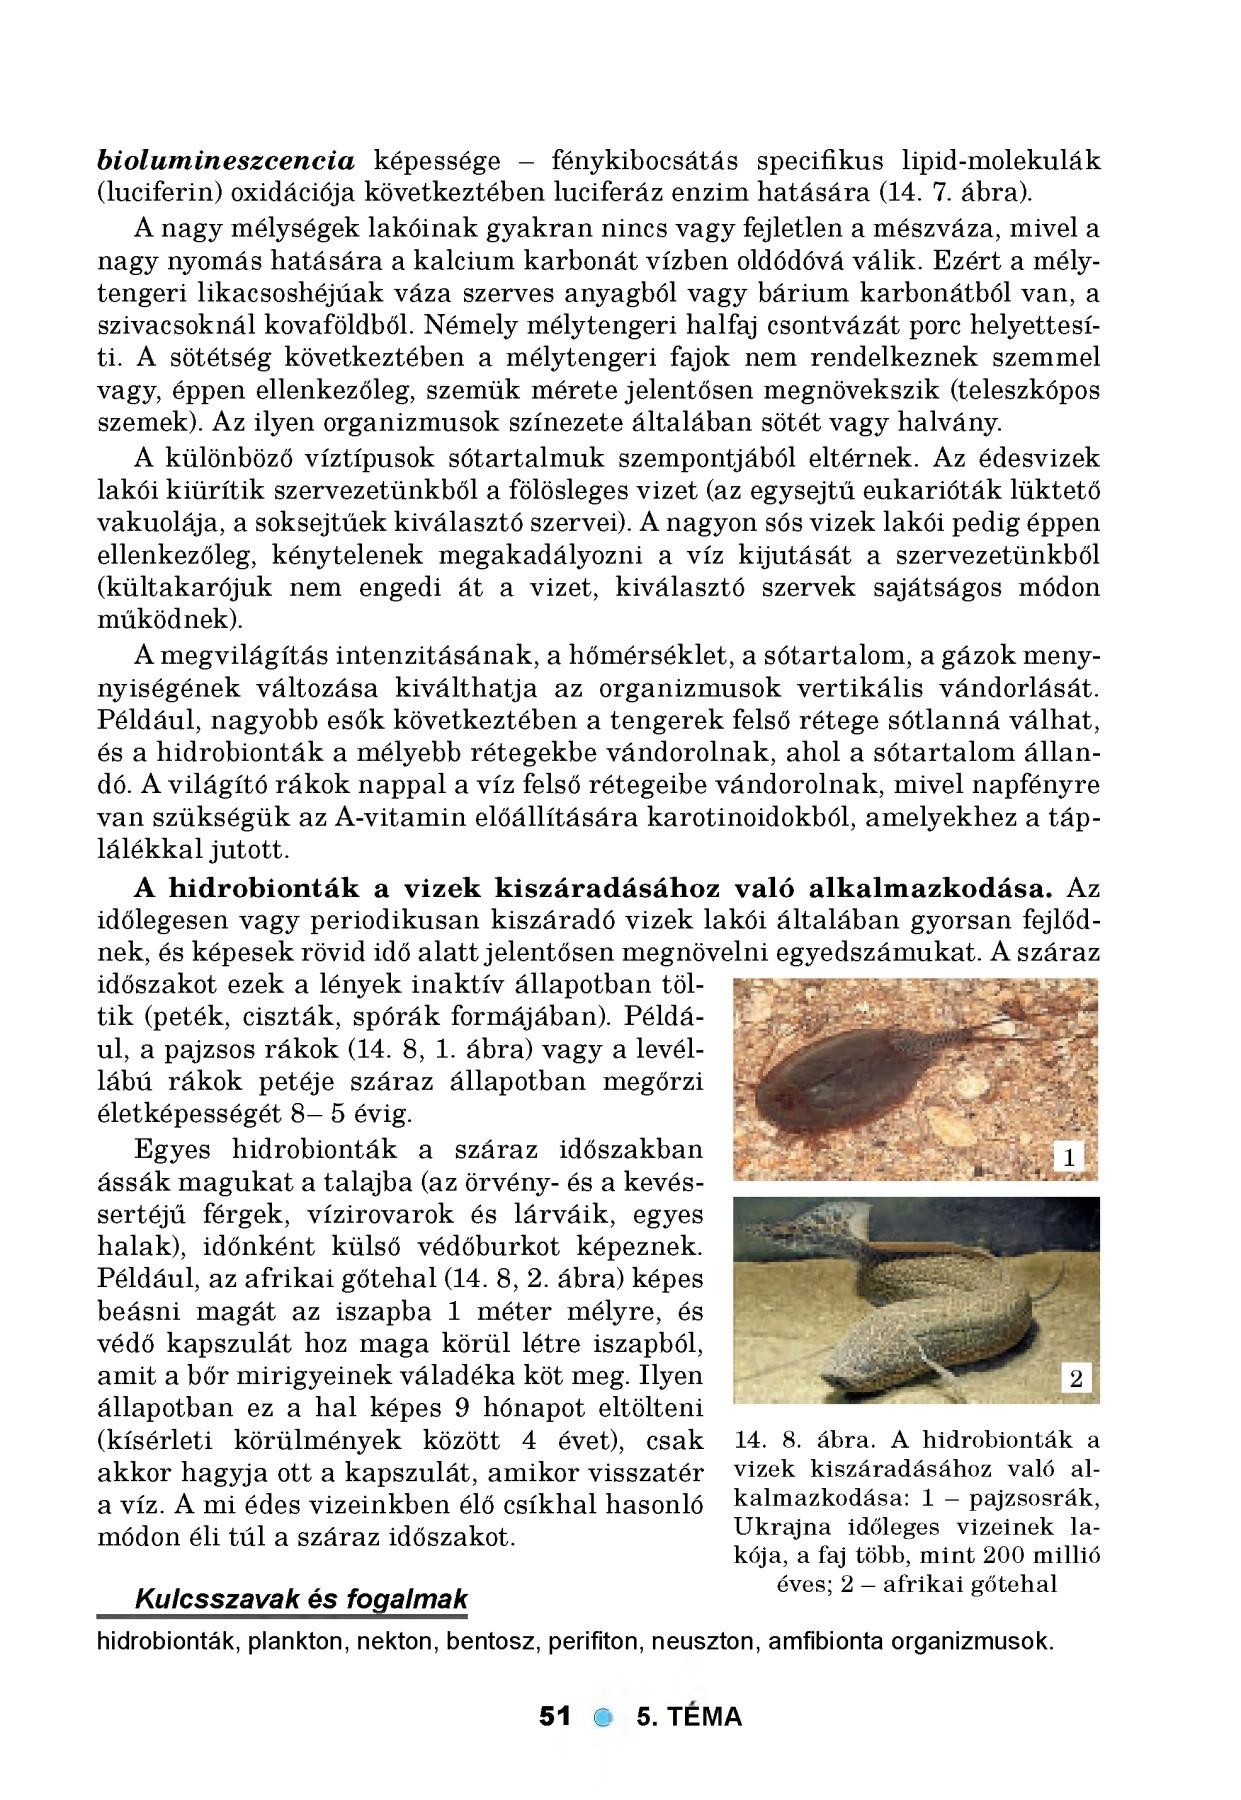 biohelminths geohelminthes vagy contact helminth